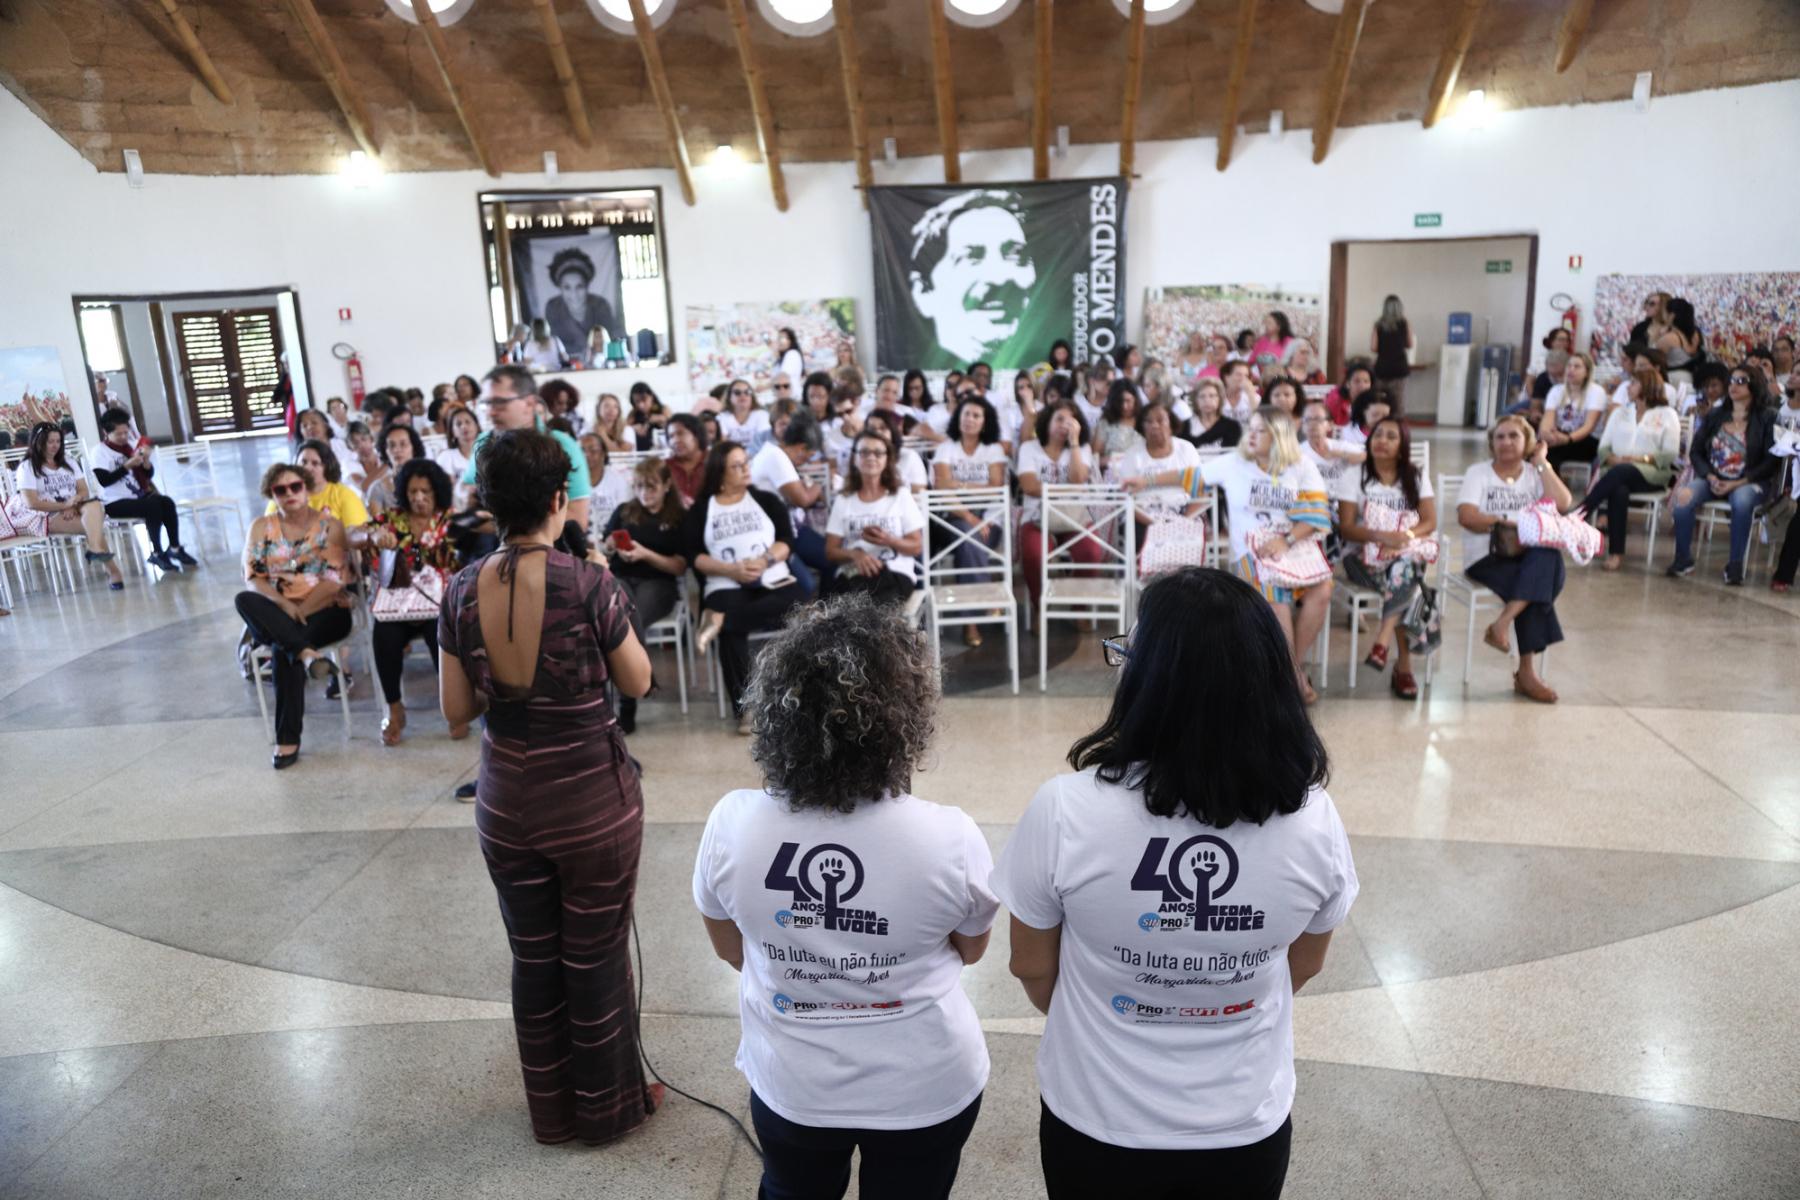 2019.04.27-VII-Encontro-de-Mulheres-Trabalhadoras_fotos-ECOM-183